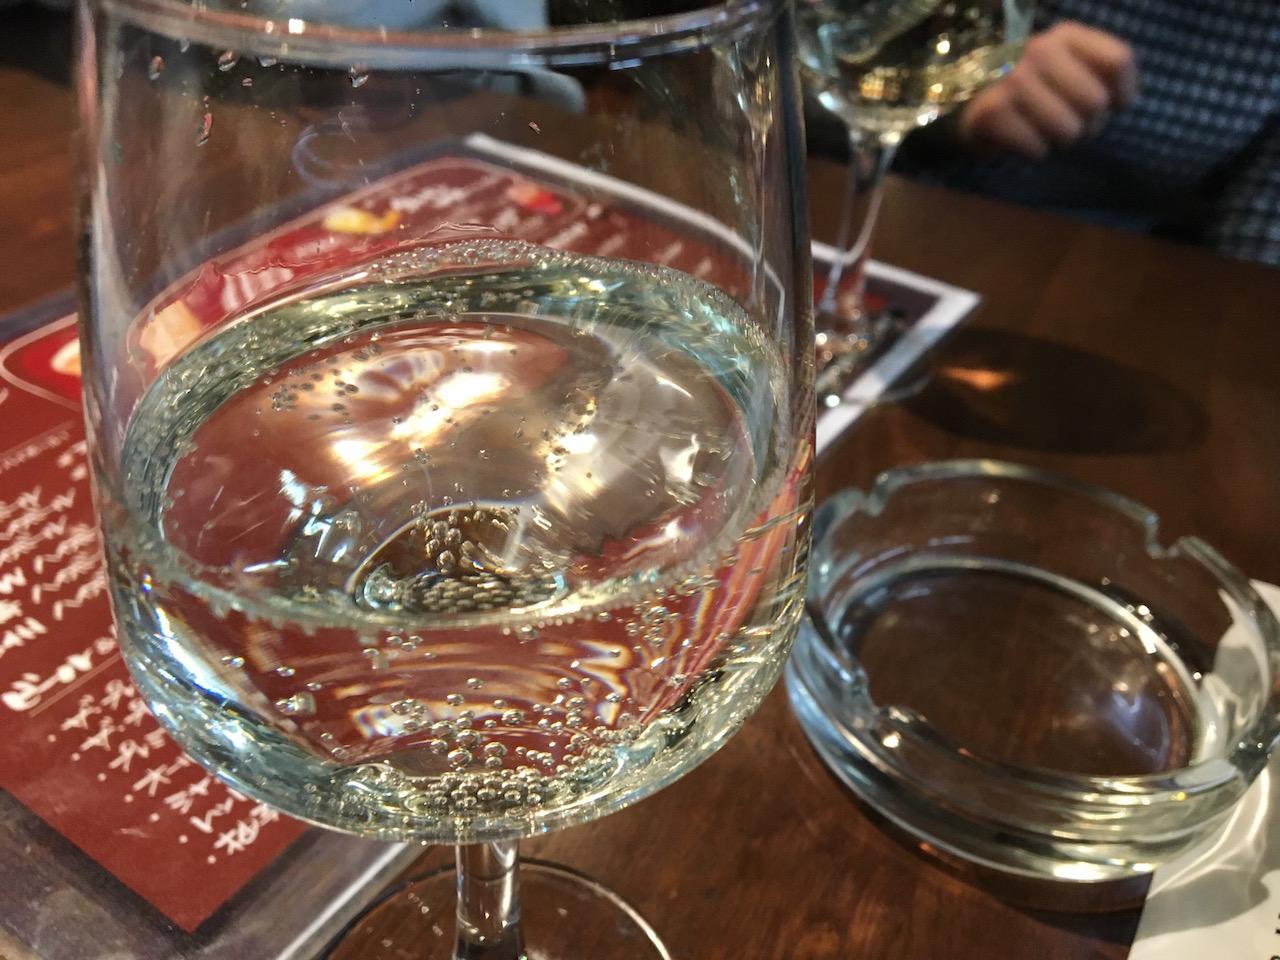 姫路駅前の激安ワイン飲み放題 テルミニ はゲロ吐くから気をつけた方がいいです